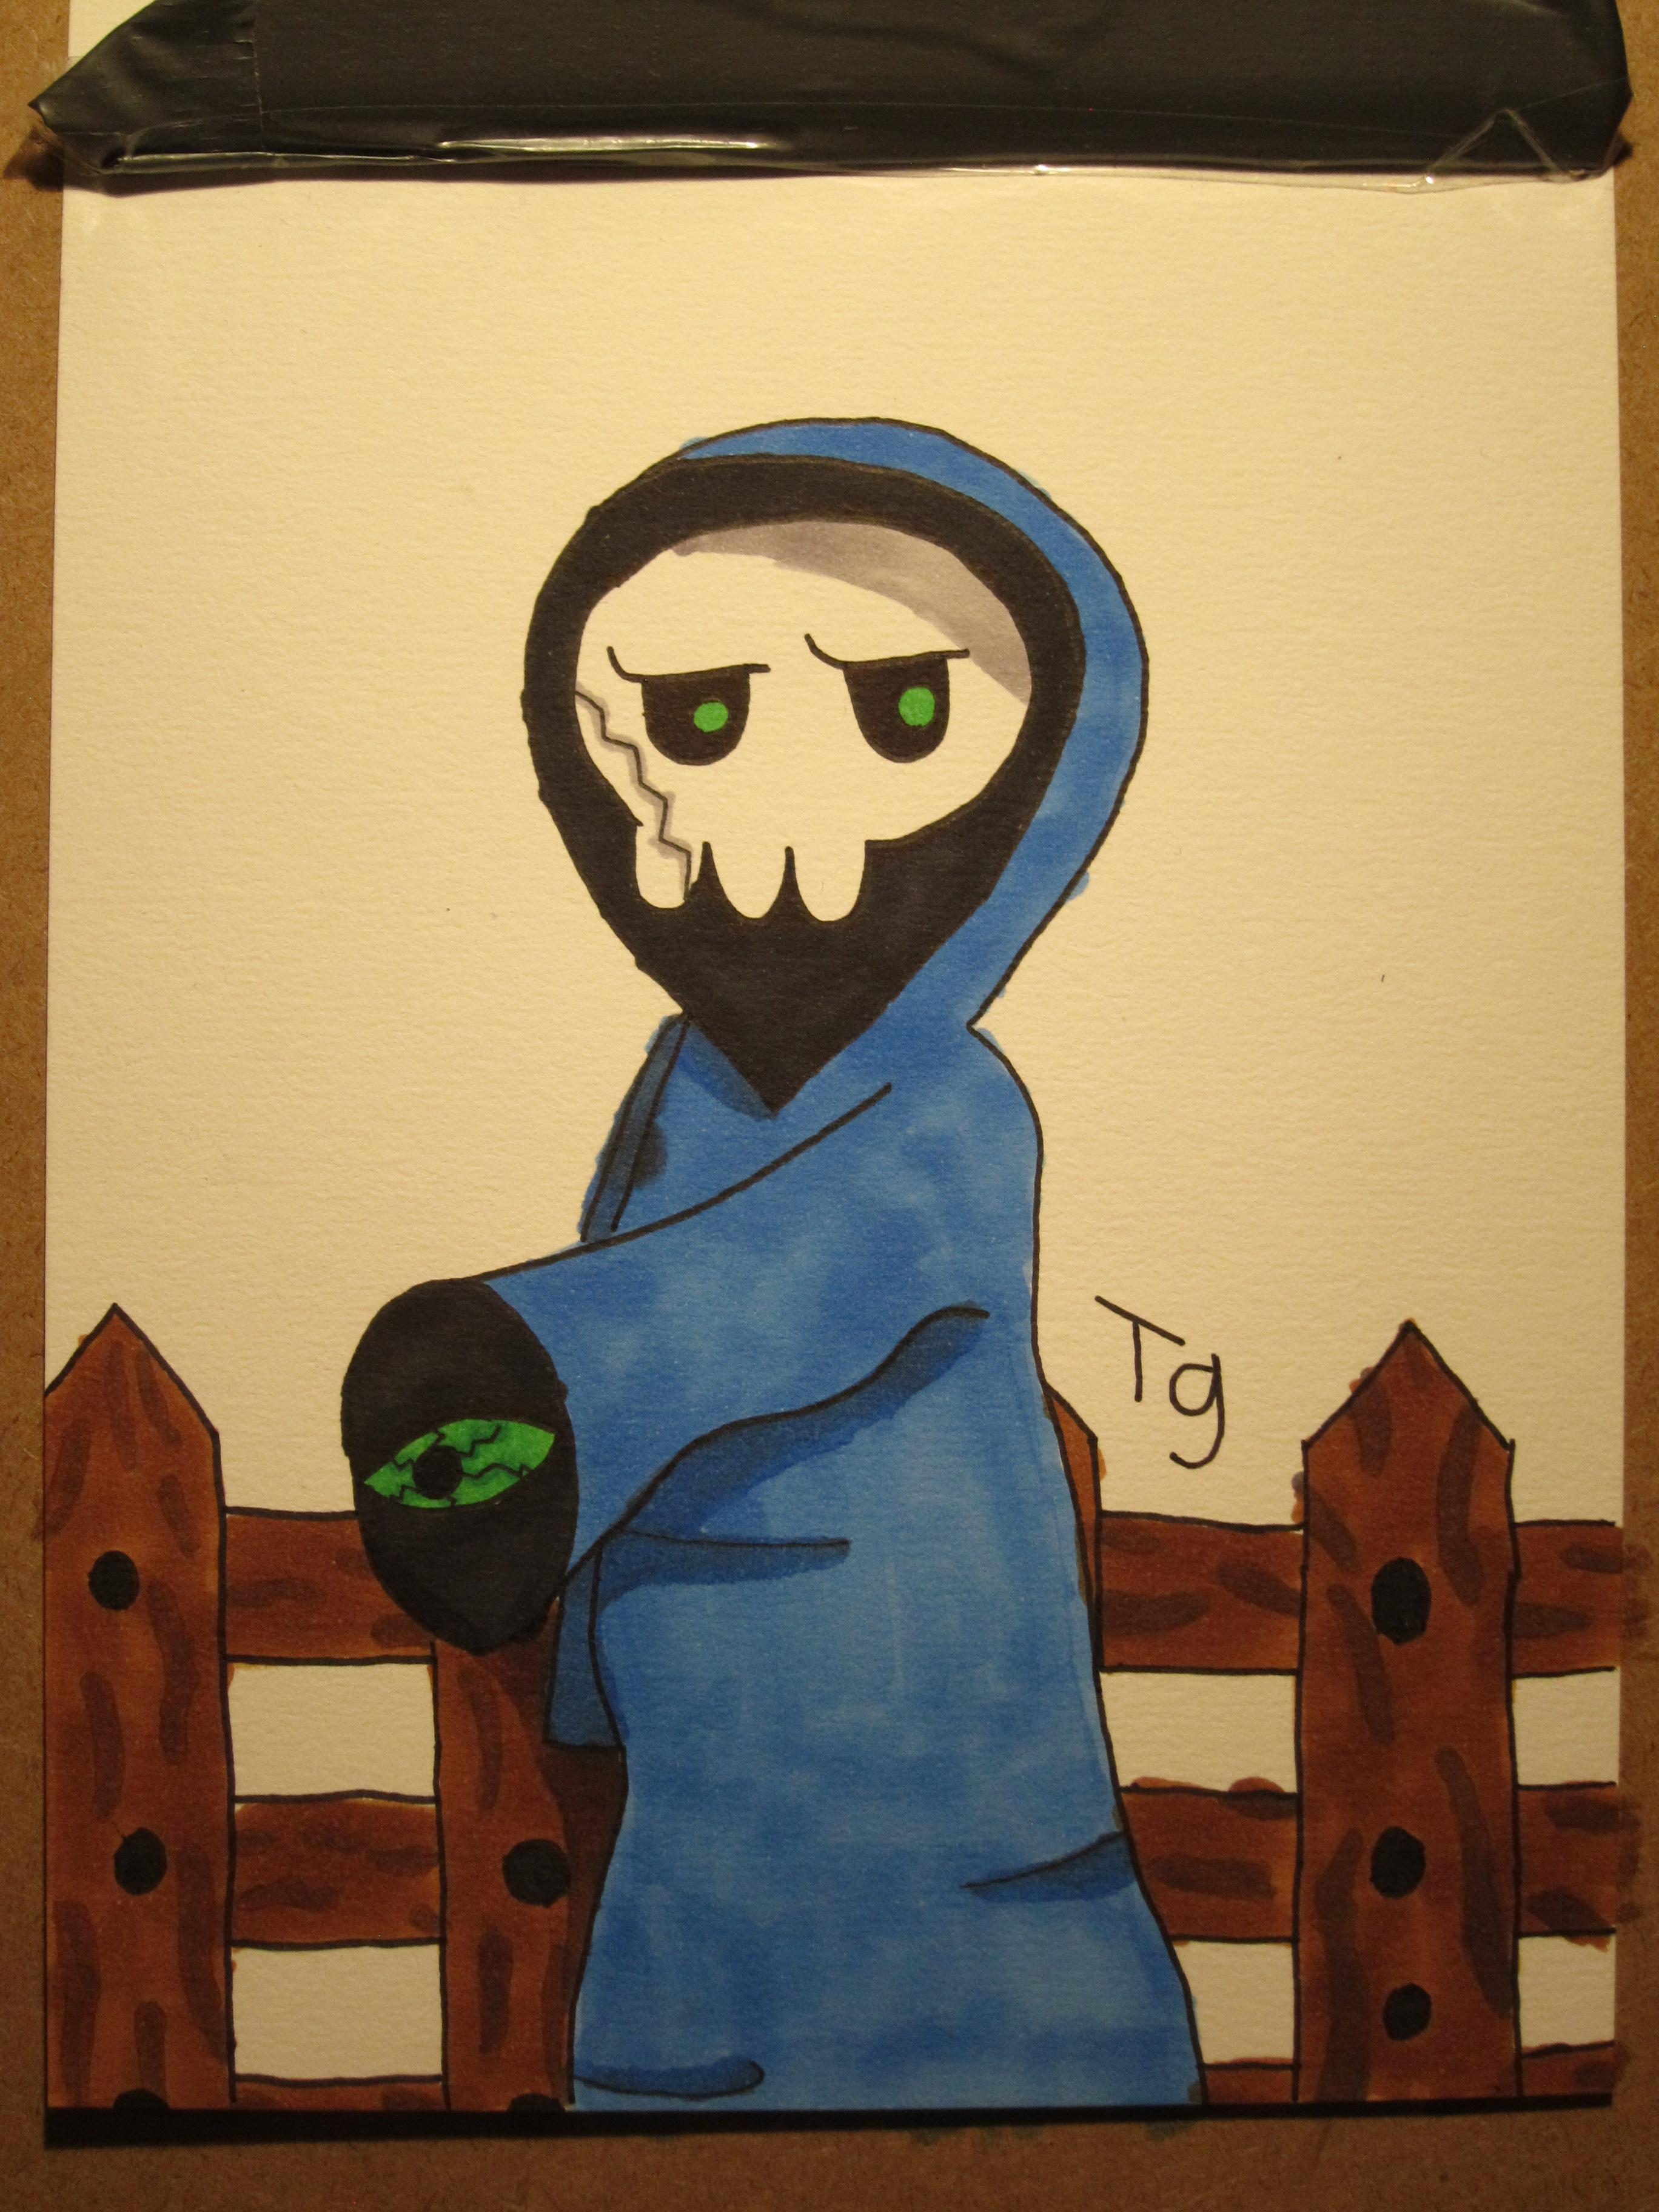 spooky skull guy